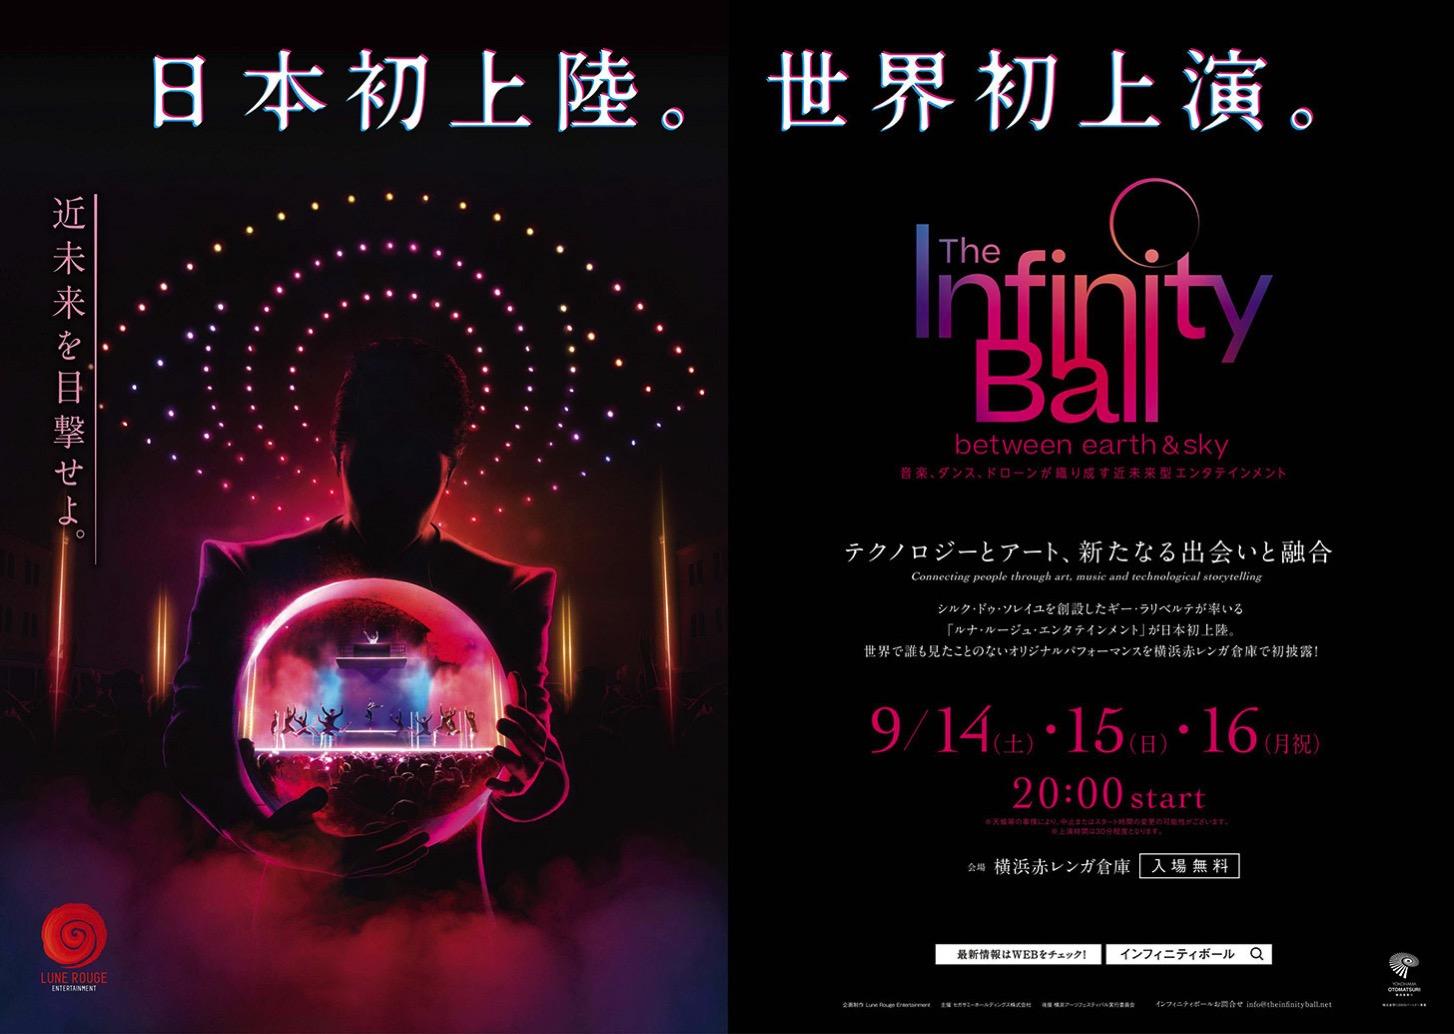 ザ インフィニティボール、横浜赤レンガ倉庫で世界初上演!テクノロジーとアート融合の新世代ショー